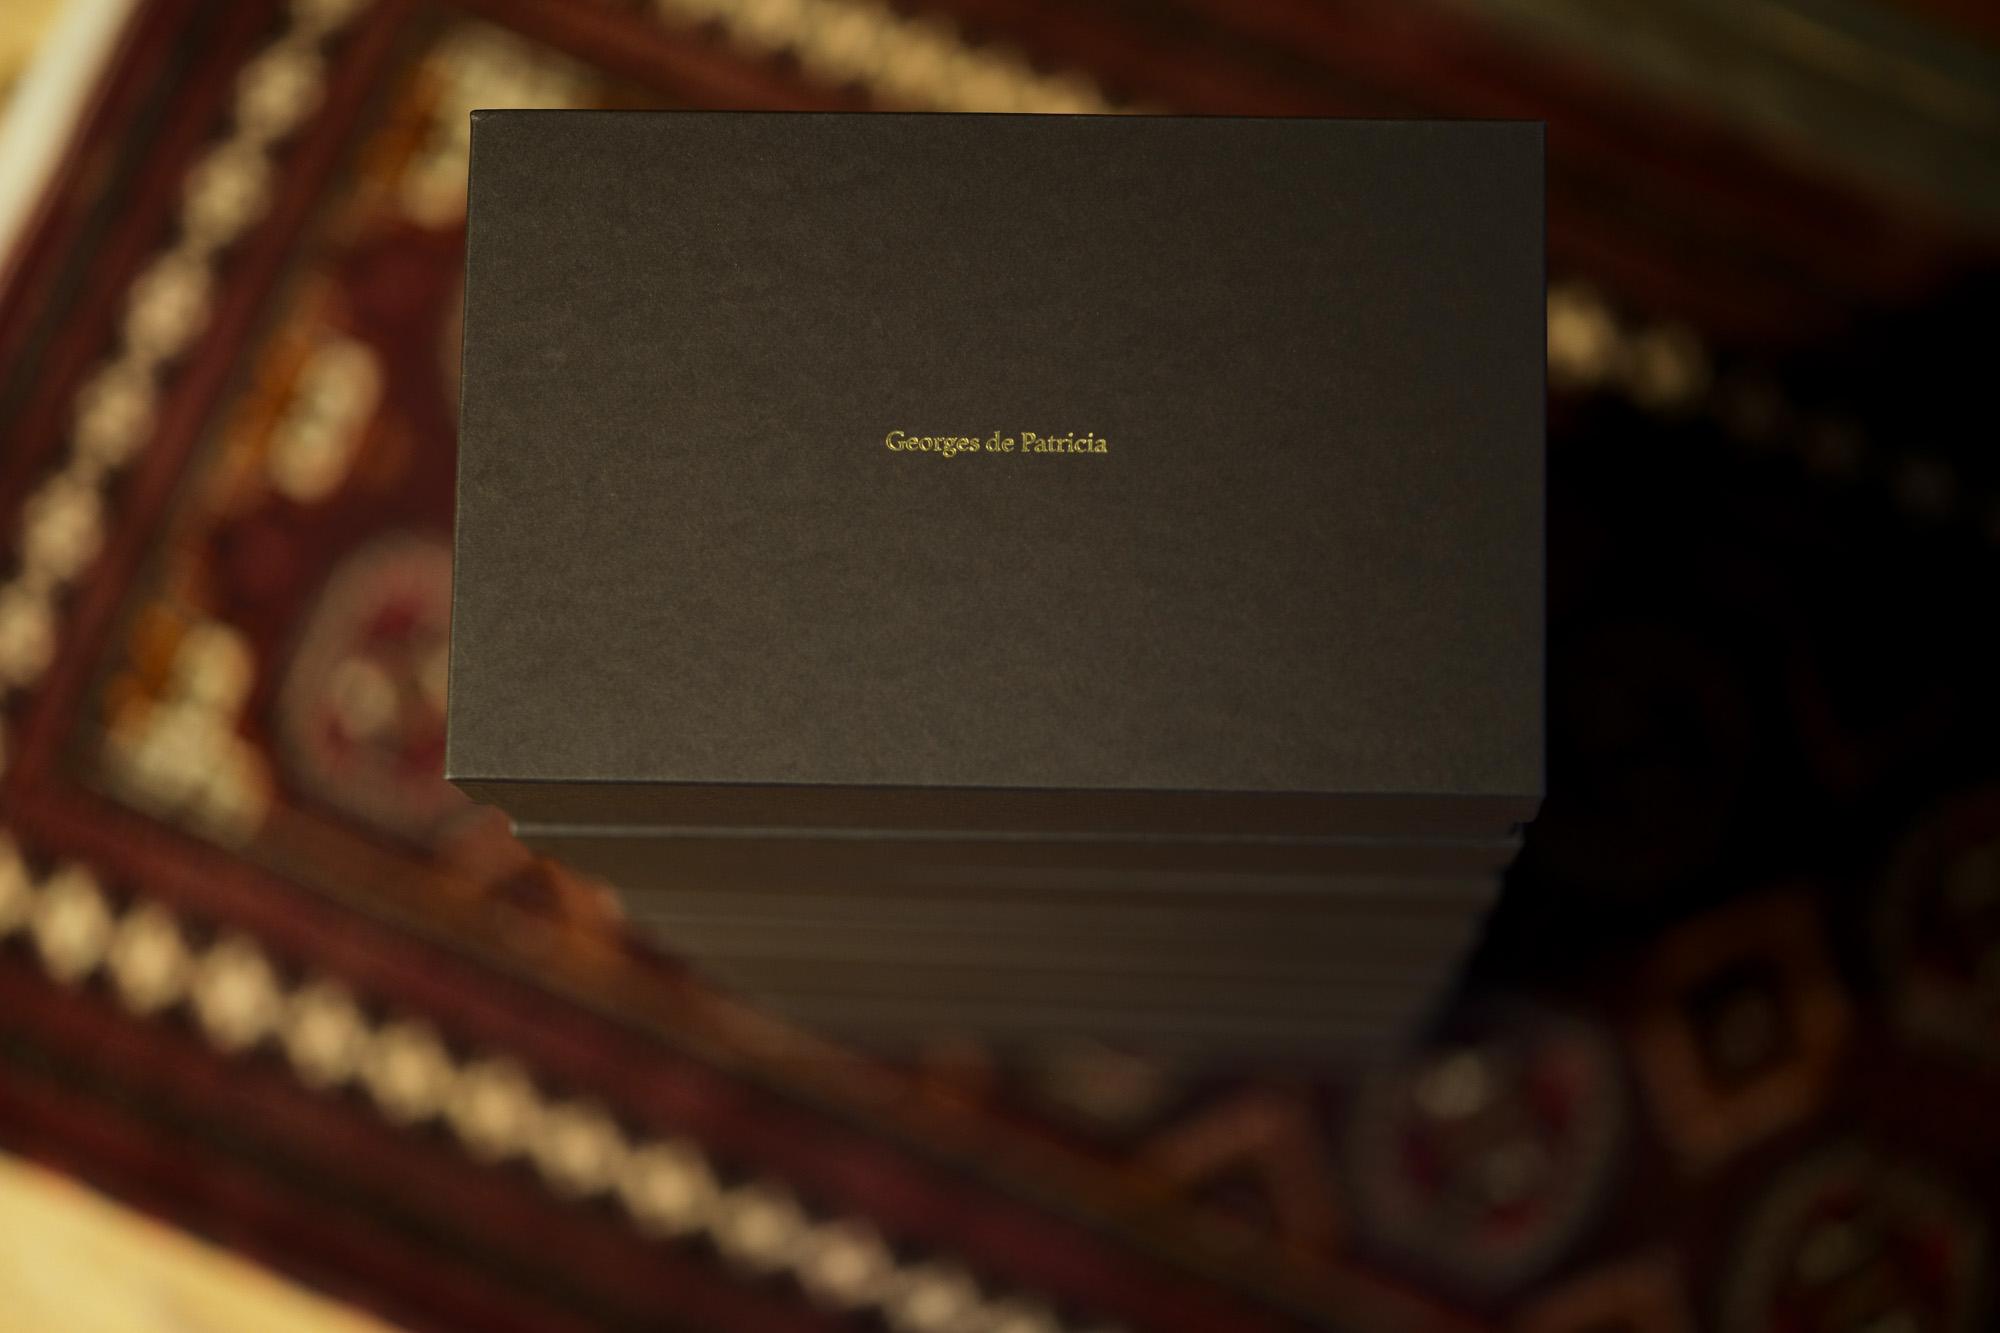 Georges de Patricia(ジョルジュ ド パトリシア) Diablo (ディアブロ) 925 STERLING SILVER (925 スターリングシルバー) Shrunken Calf (シュランケンカーフ) サイドゴアブーツ NOIR (ブラック) 2019 春夏新作 【Special Boots】アルトエデリット ジョルジュドパトリシア ブーツ 超絶ブーツ ランボルギーニ ディアブロ lamborghini